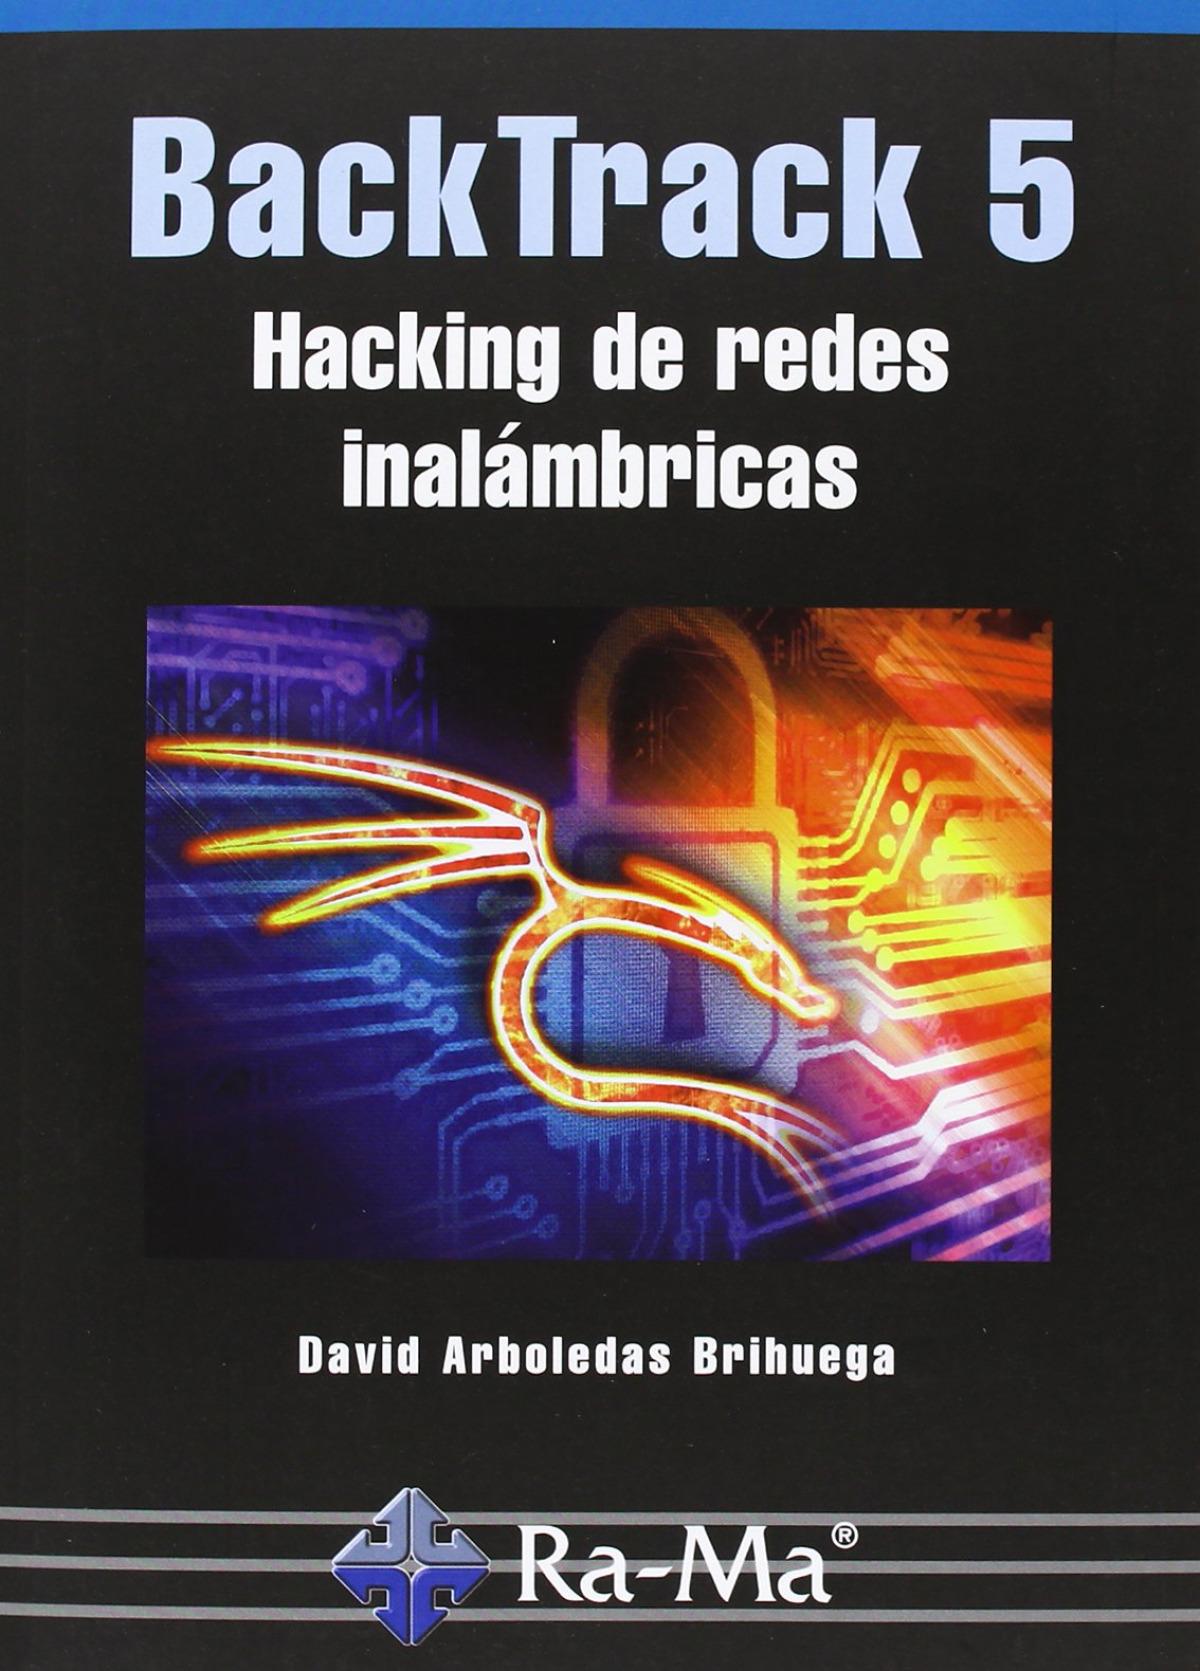 BACKTRACK 5: HACKING DE REDES INALAMBRICAS 9788499642321